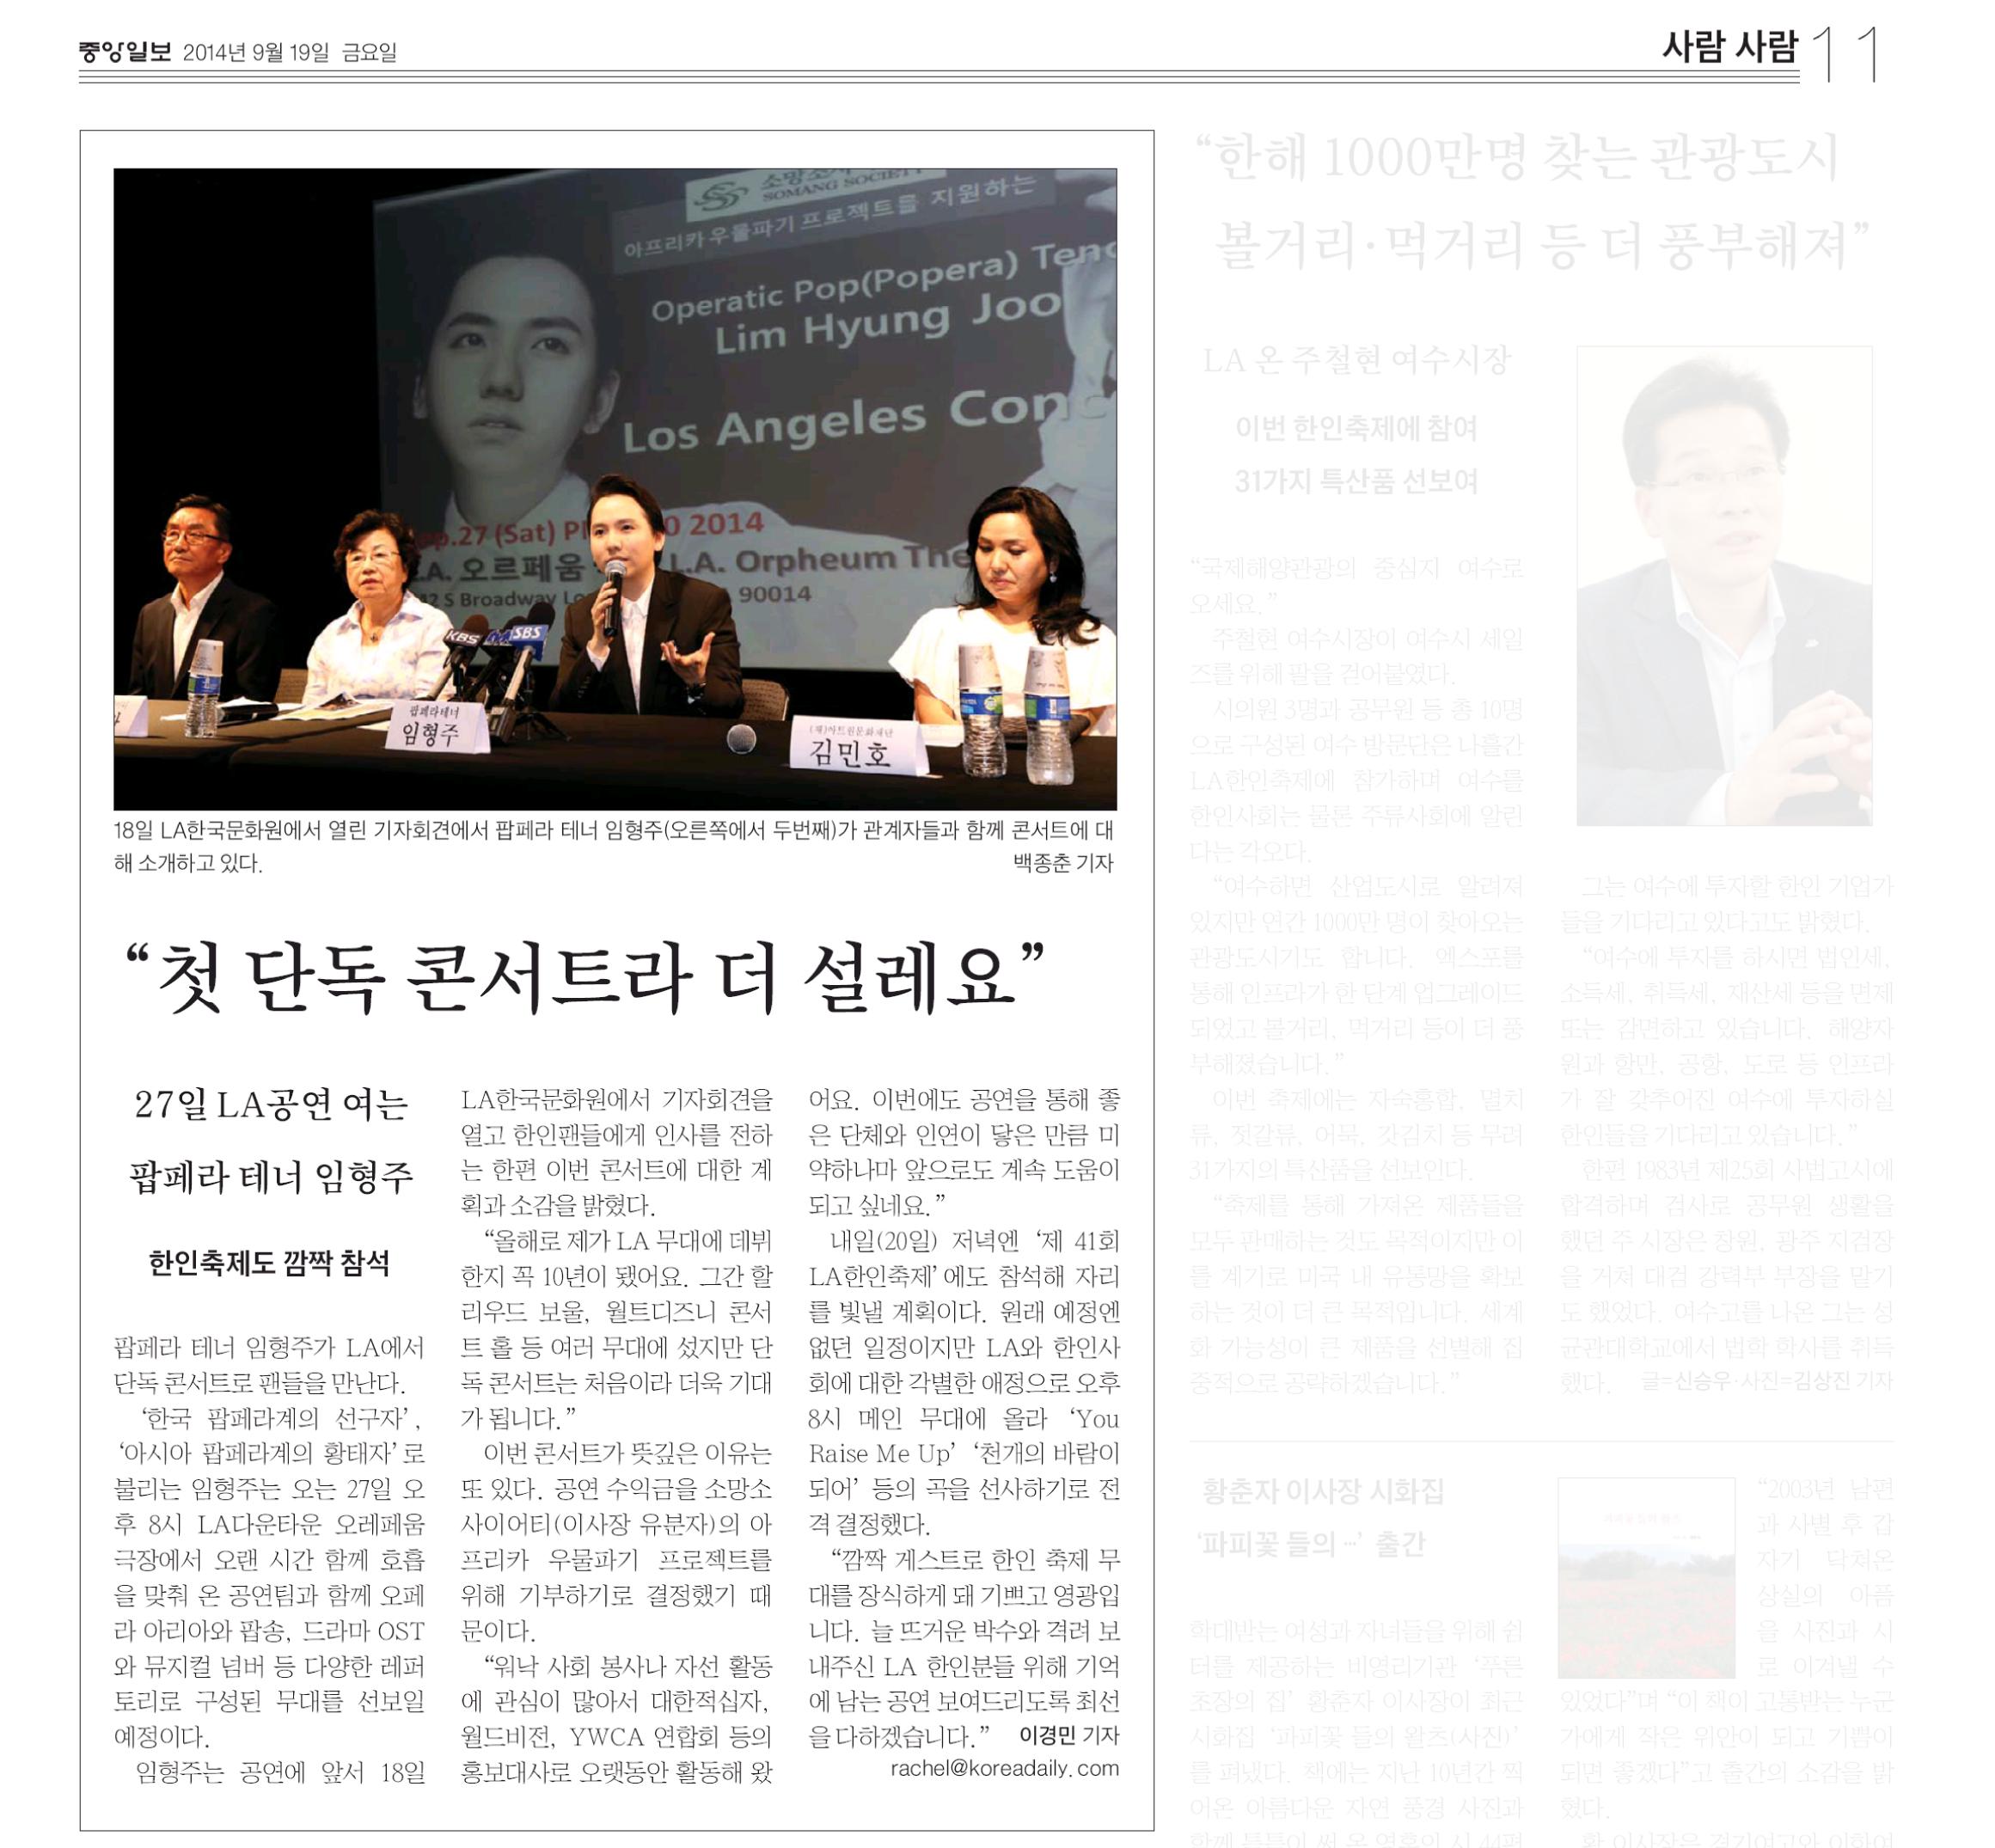 '첫 단독 콘서트라 더 설레요' 한인축제도 깜짝 참석 2014년 9월 19일 중앙일보